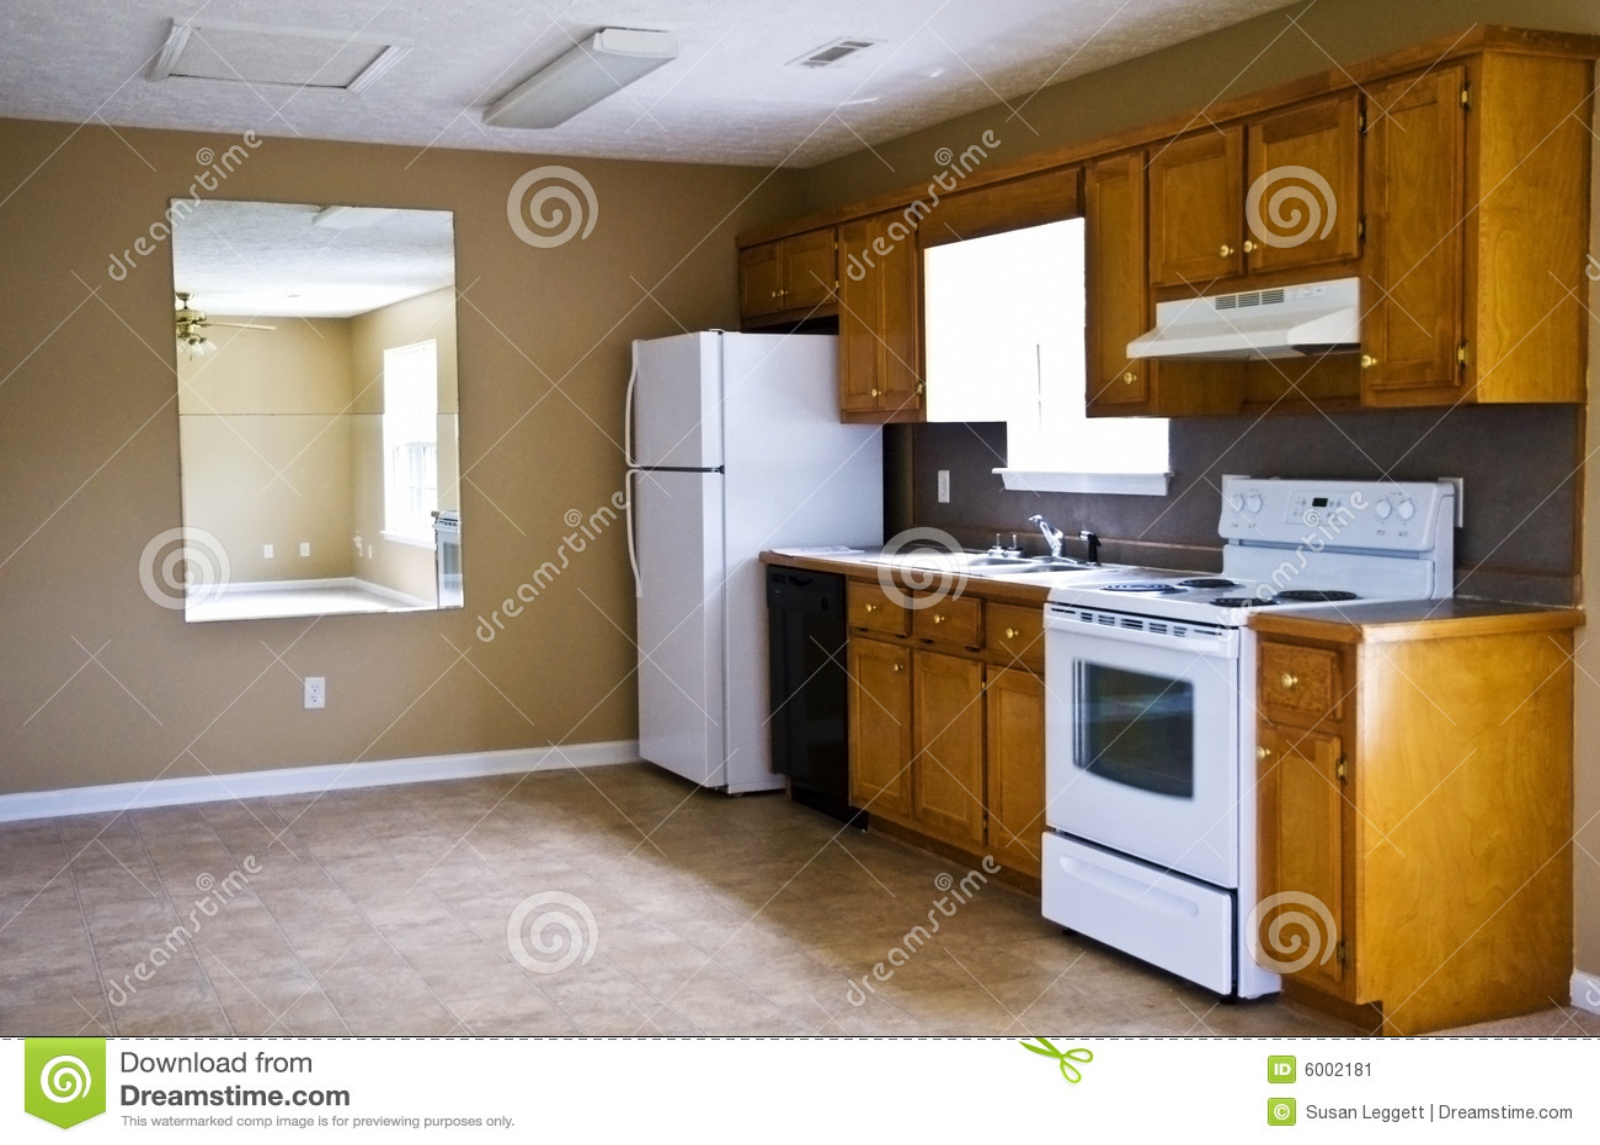 Cozinha Compacta Casa Pequena Imagem De Stock Imagem De Teto